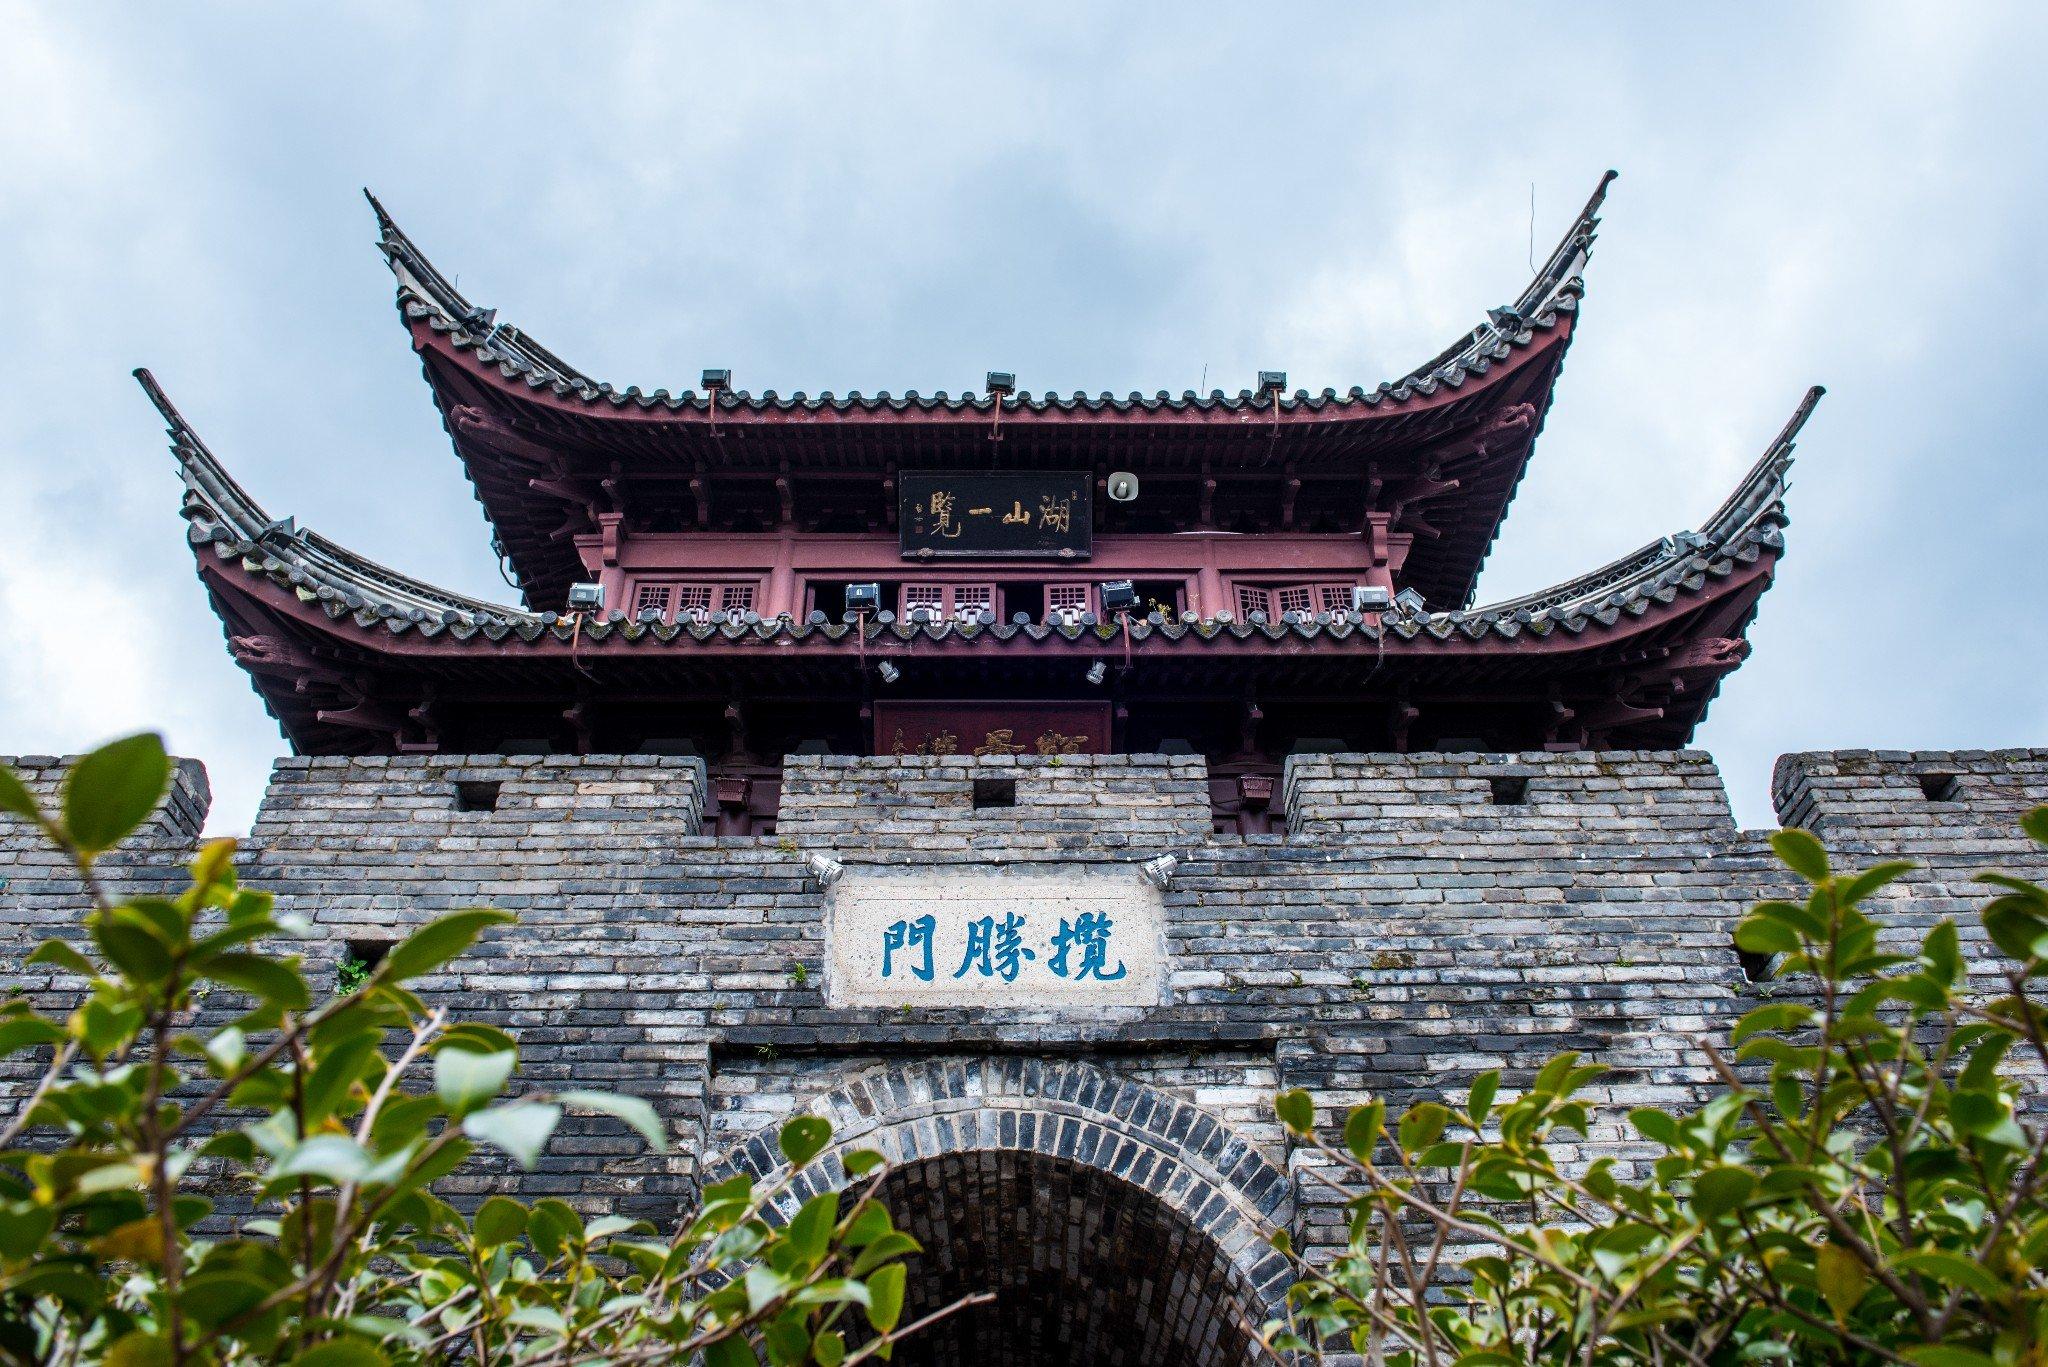 台州古镇休闲自驾2日路线